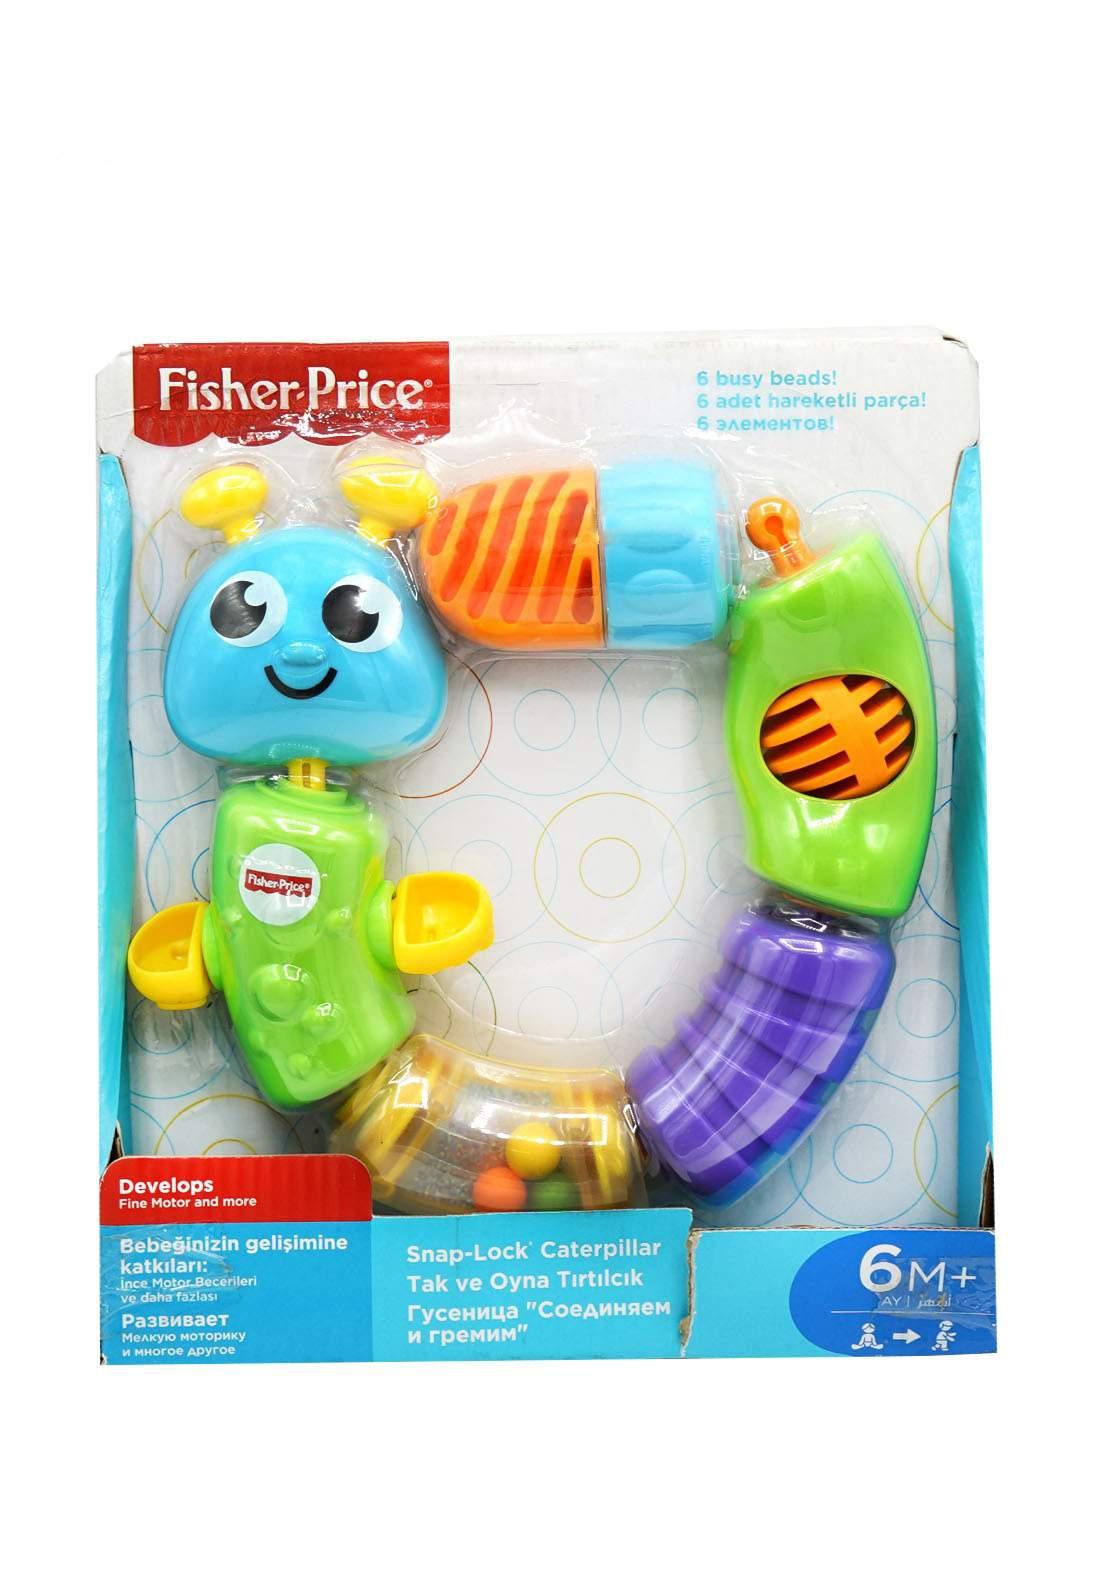 Fisher Price Snap Look Caterpiller +6m لعبة التجميع للأطفال